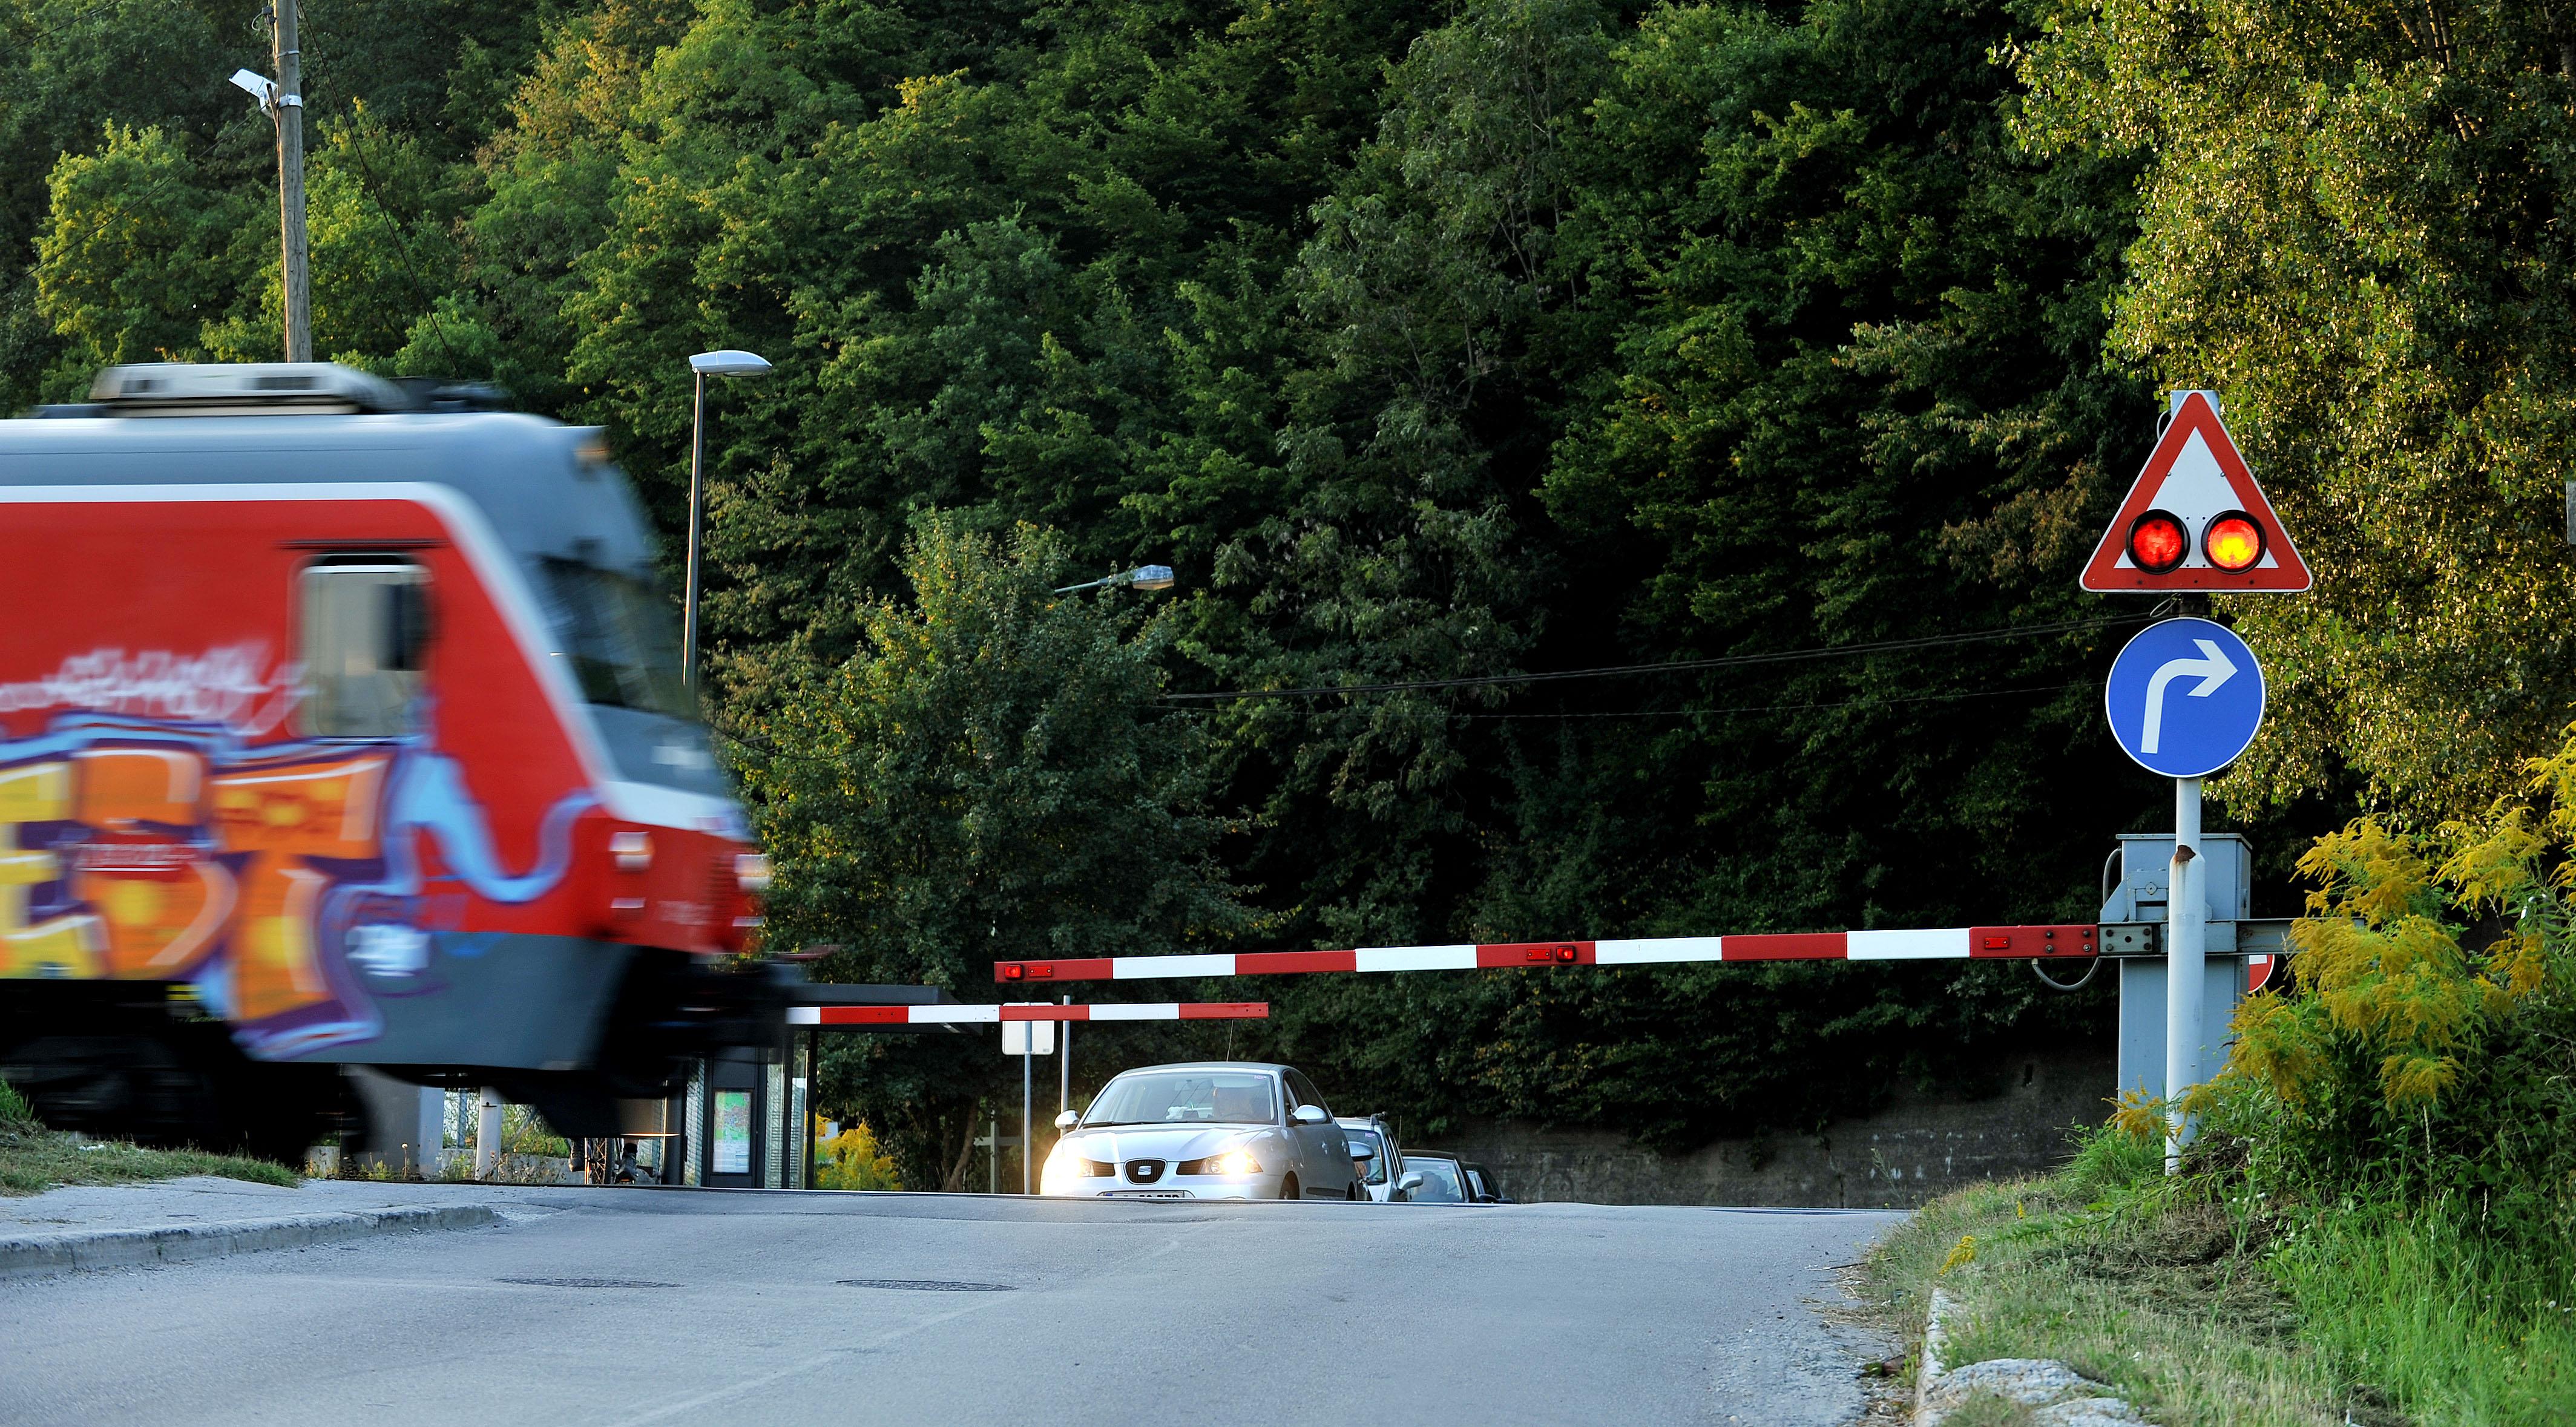 Nesreče na prehodih čez železniško progo lahko preprečimo